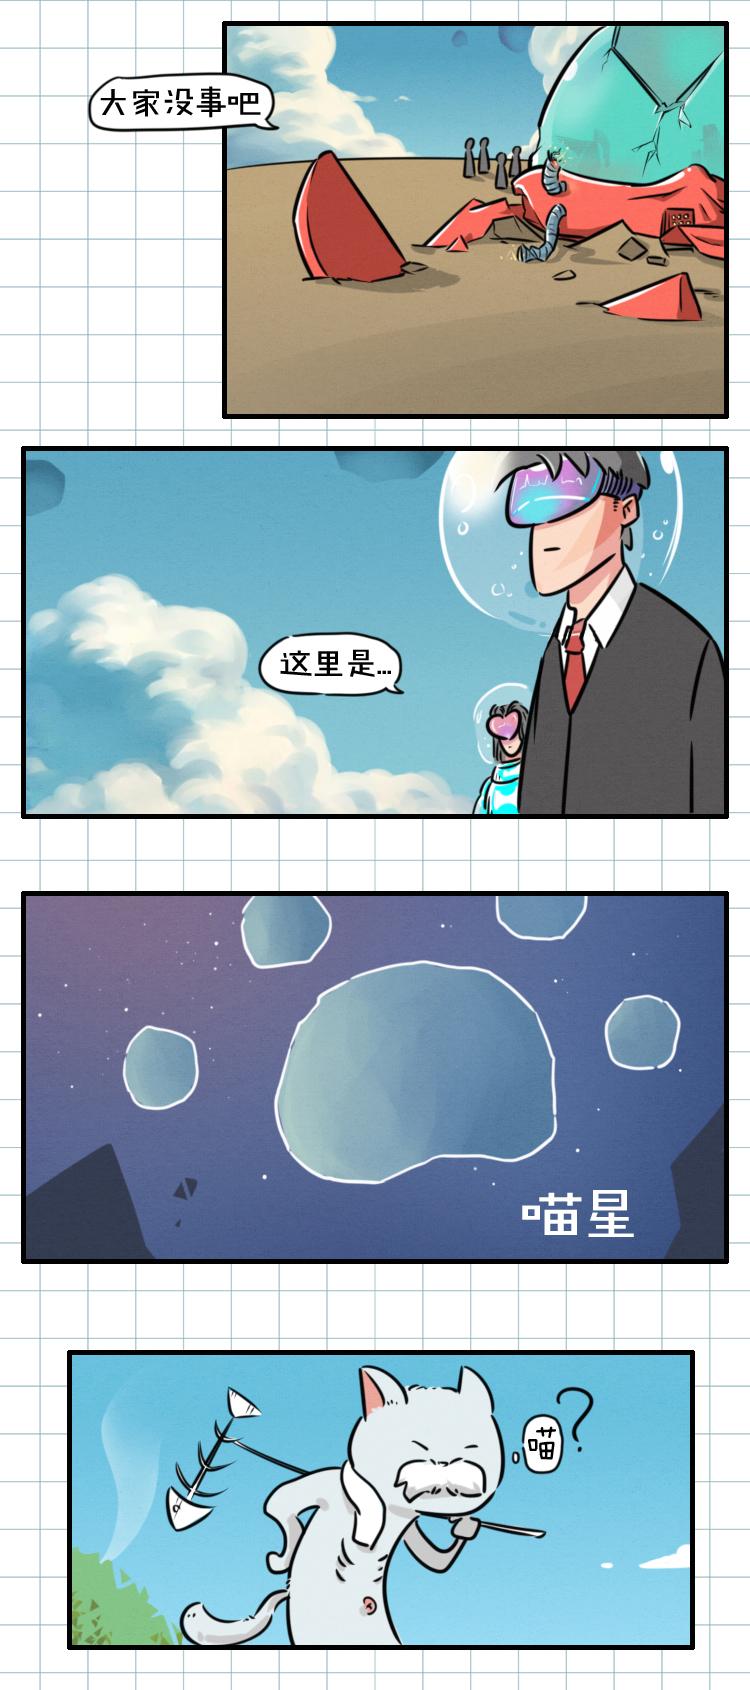 众筹漫画2.3.jpg